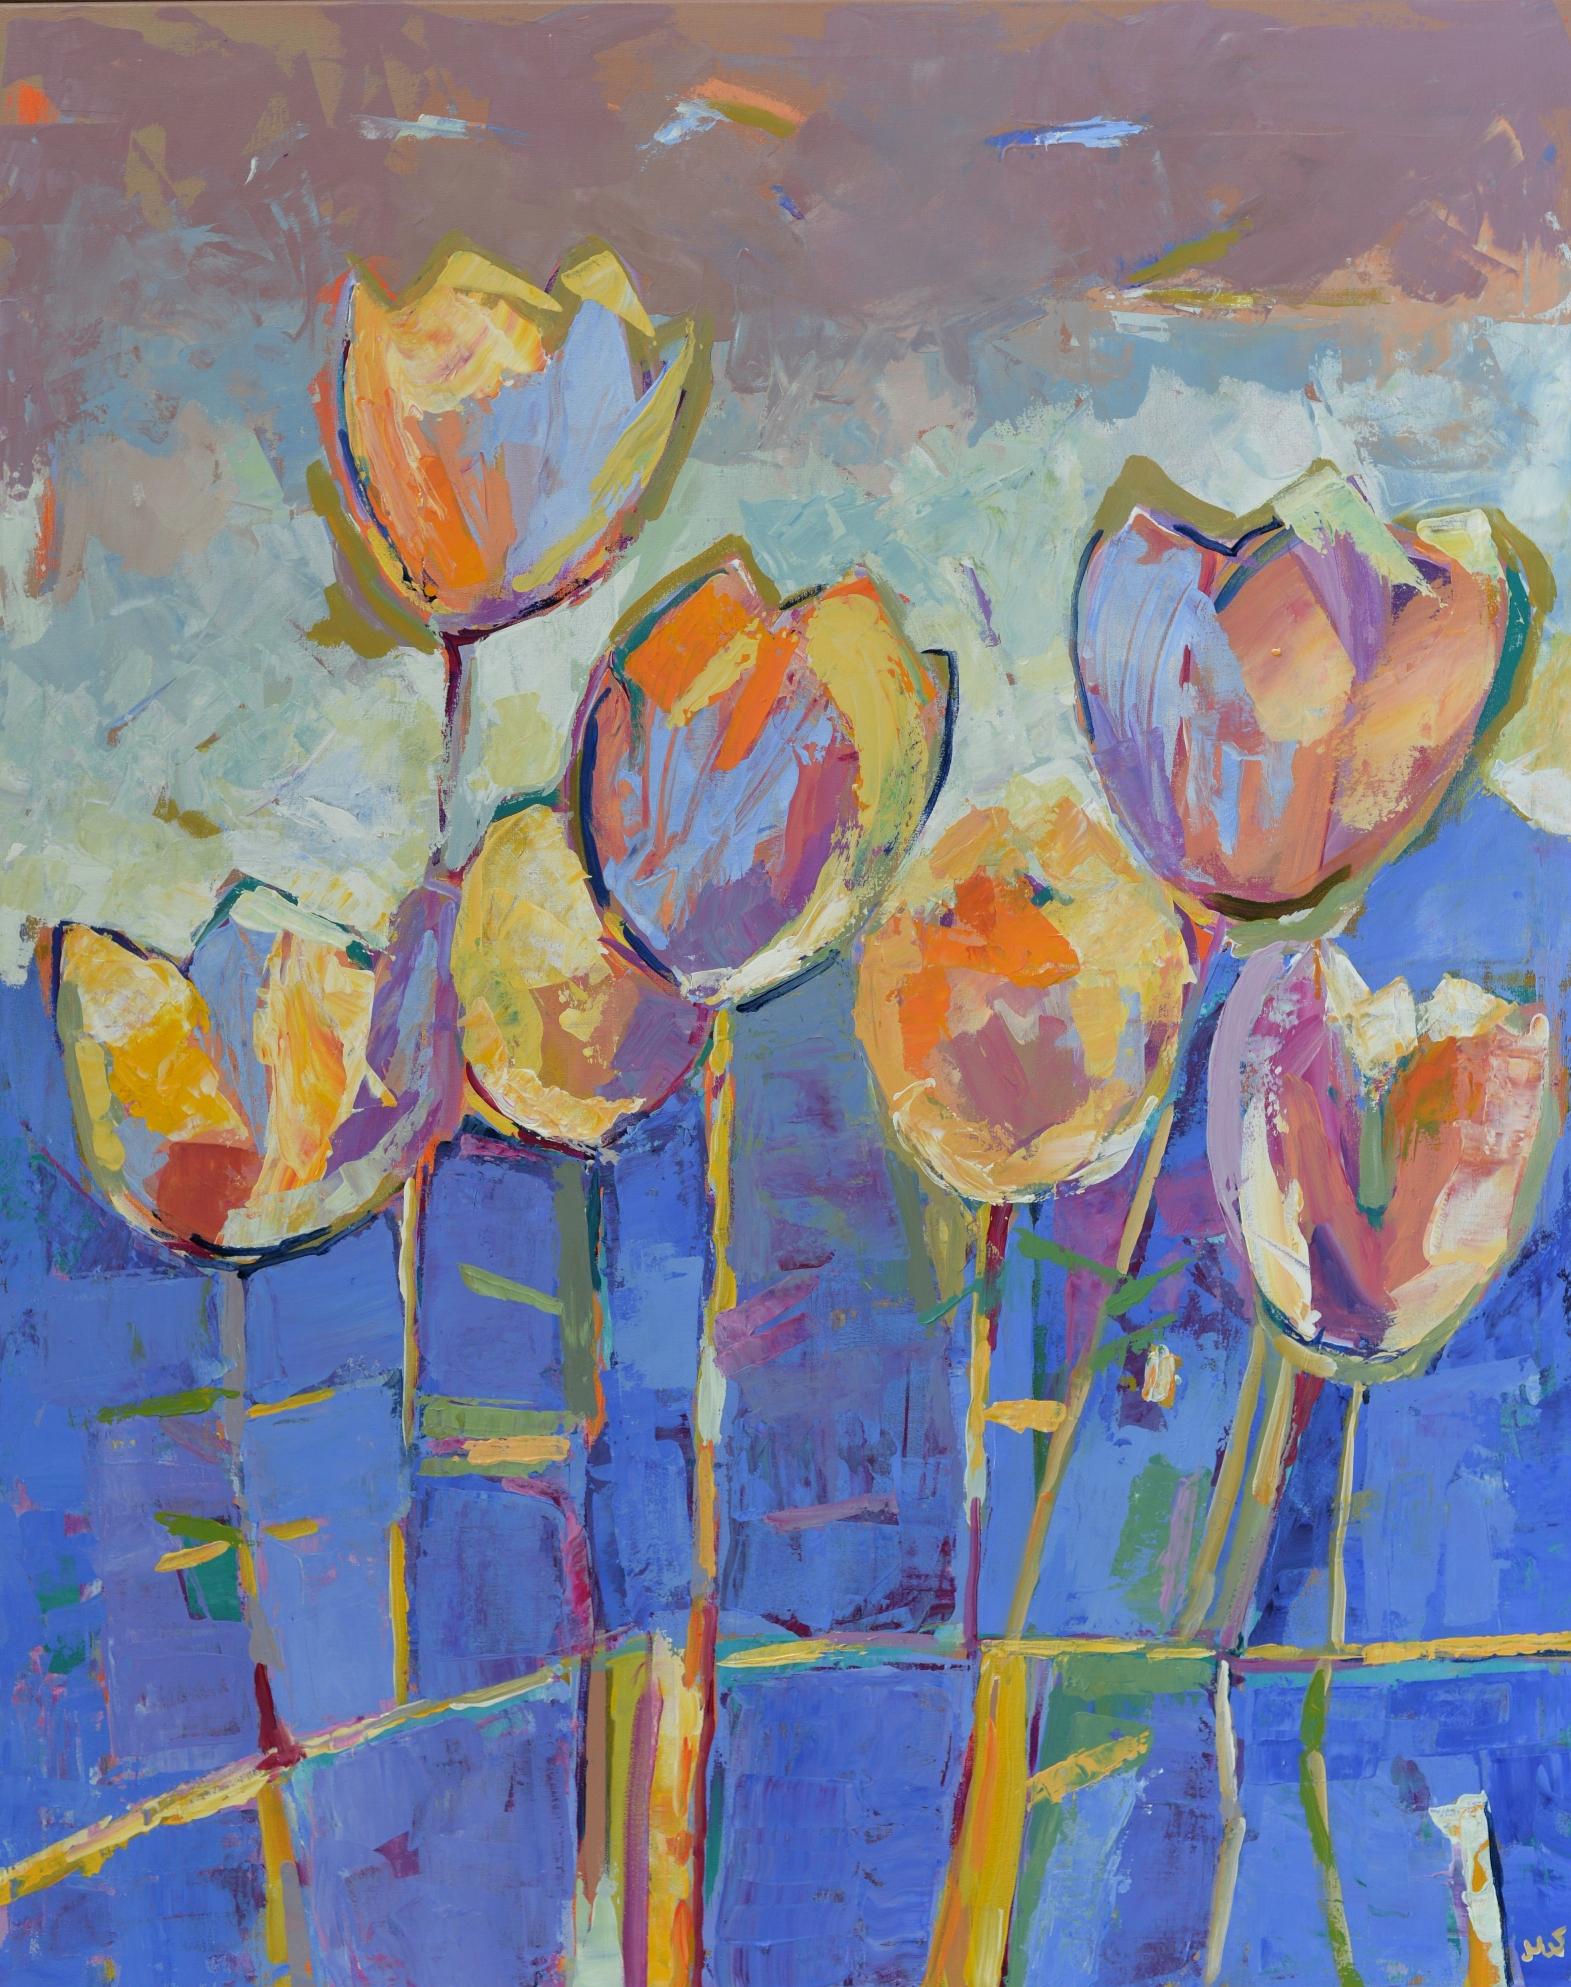 Duży Obraz Akrylowy Kwiaty Tulipany Abstrakcja 80x100